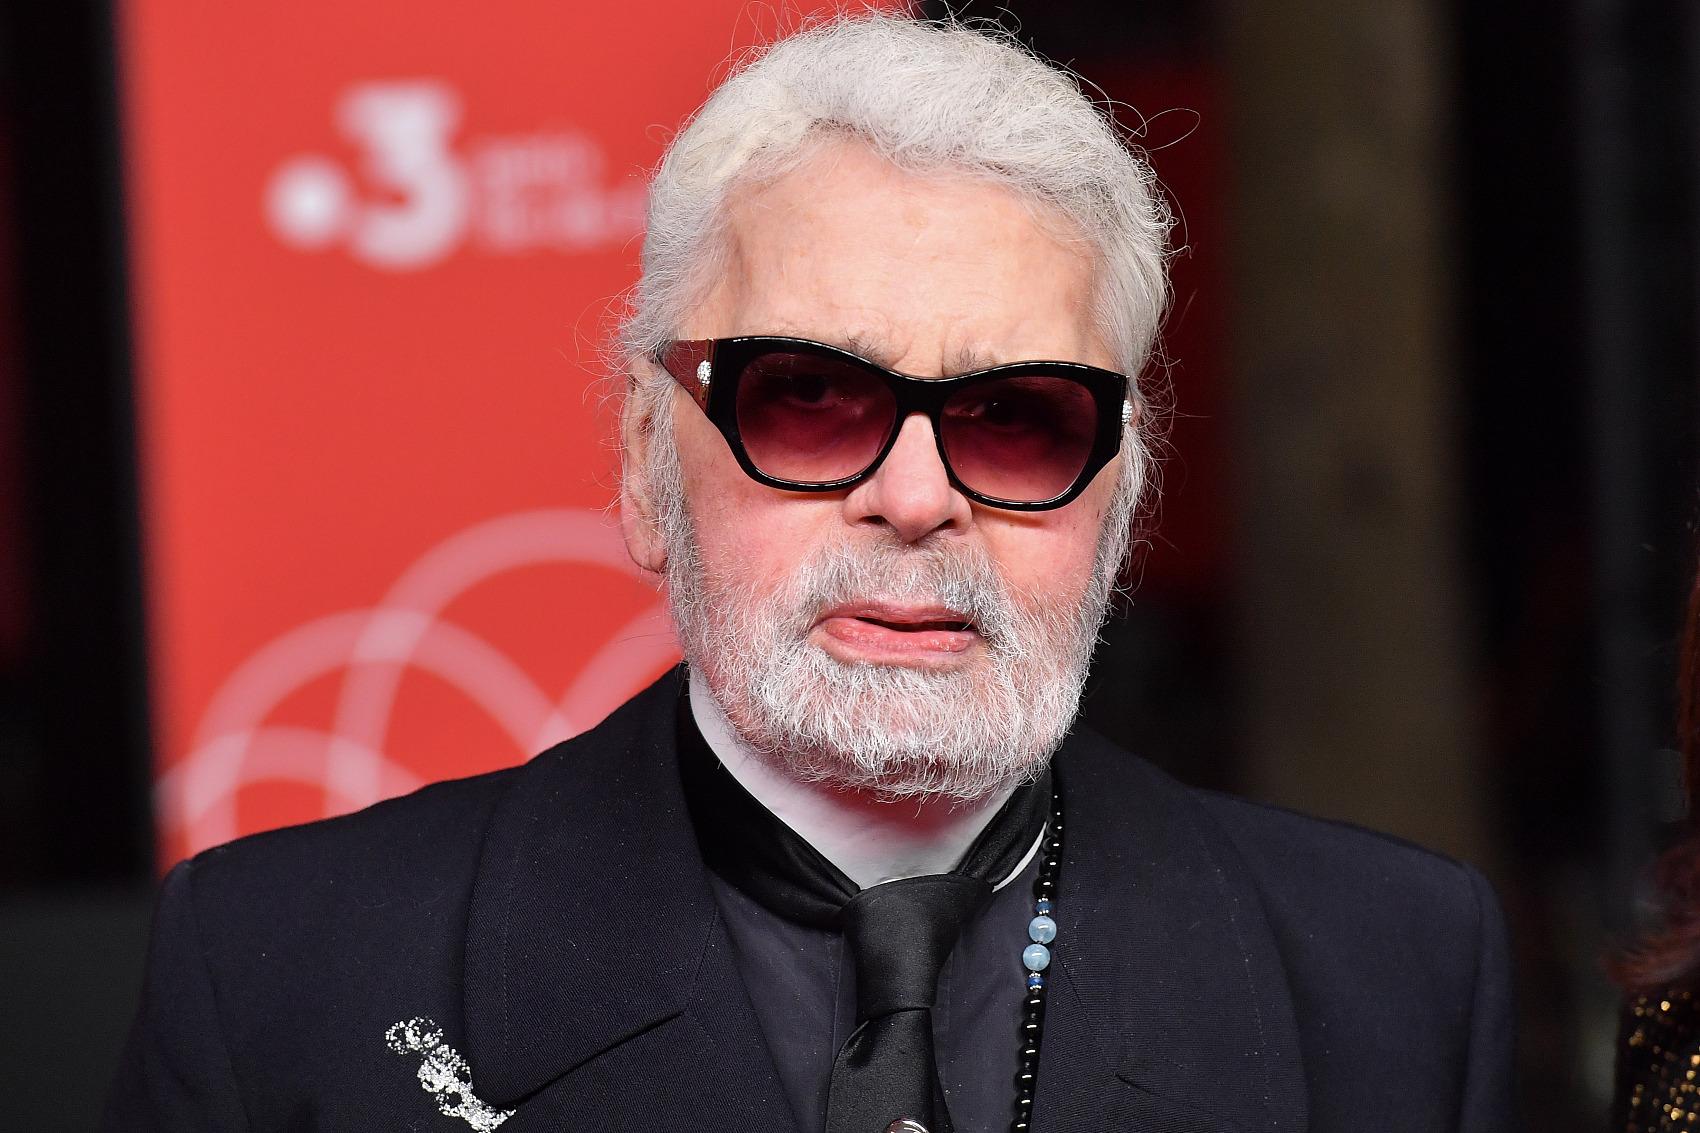 因身体不适,Karl Lagerfeld 首次缺席 Chanel 高定大秀,引发退休猜想